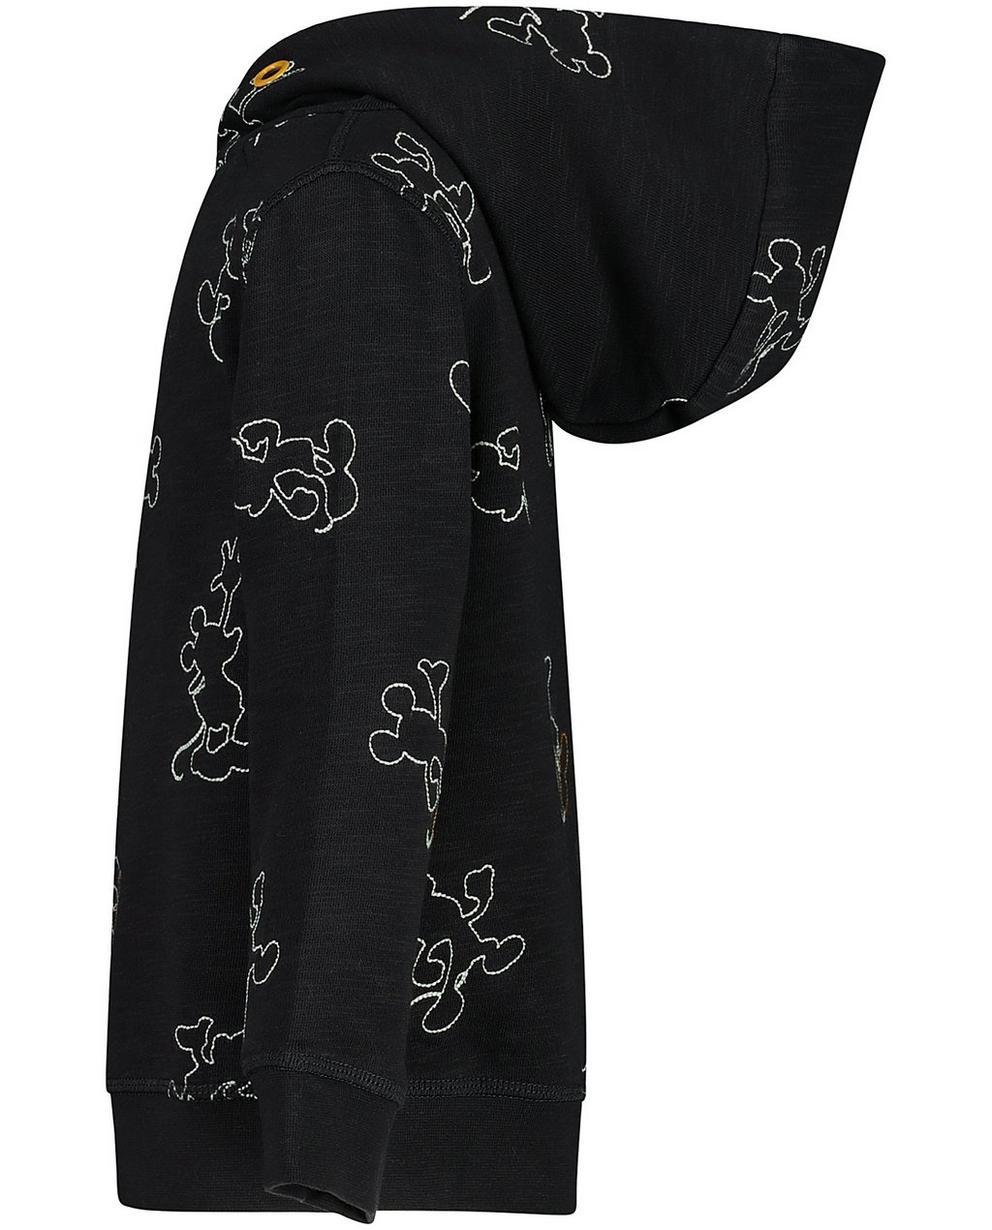 Sweater - Schwarz - Sweater mit Allover-Print